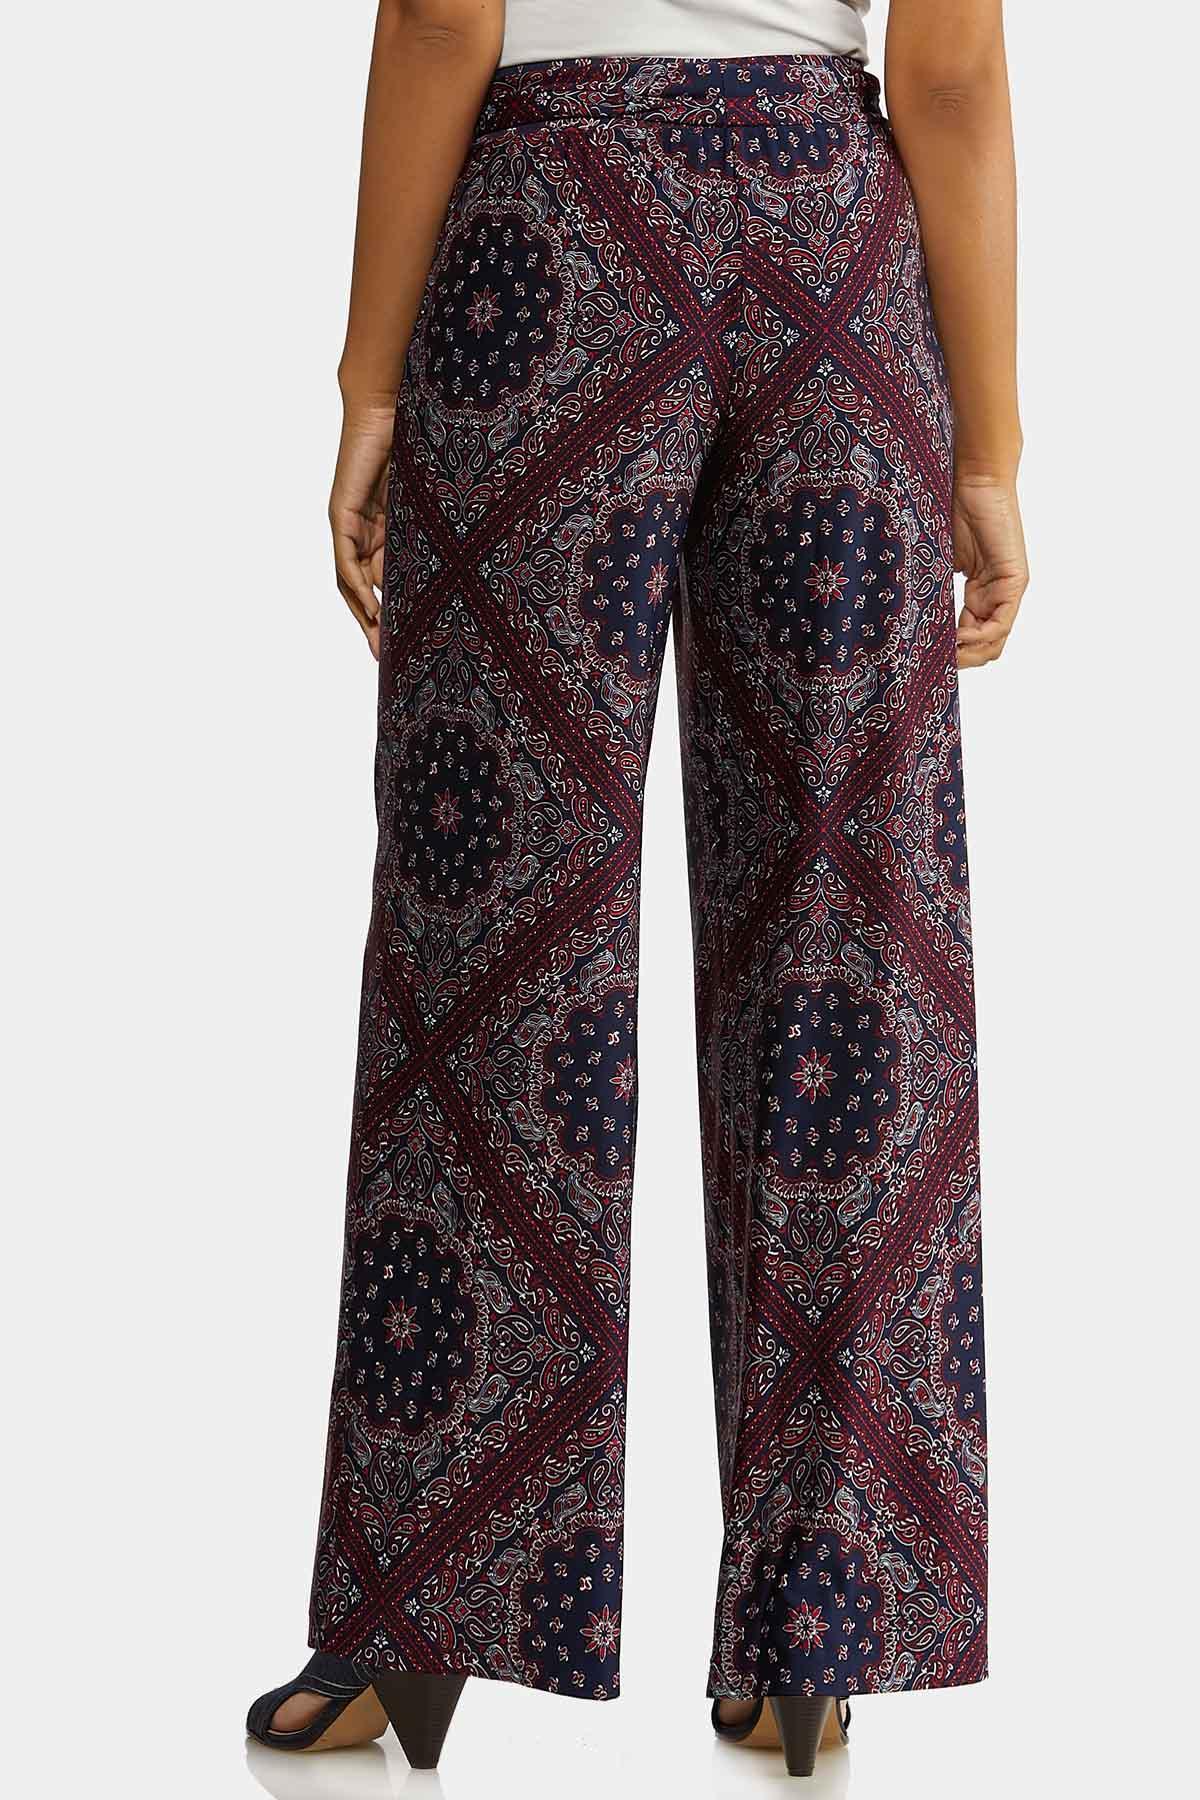 Moroccan Tie Front Pants (Item #44269573)